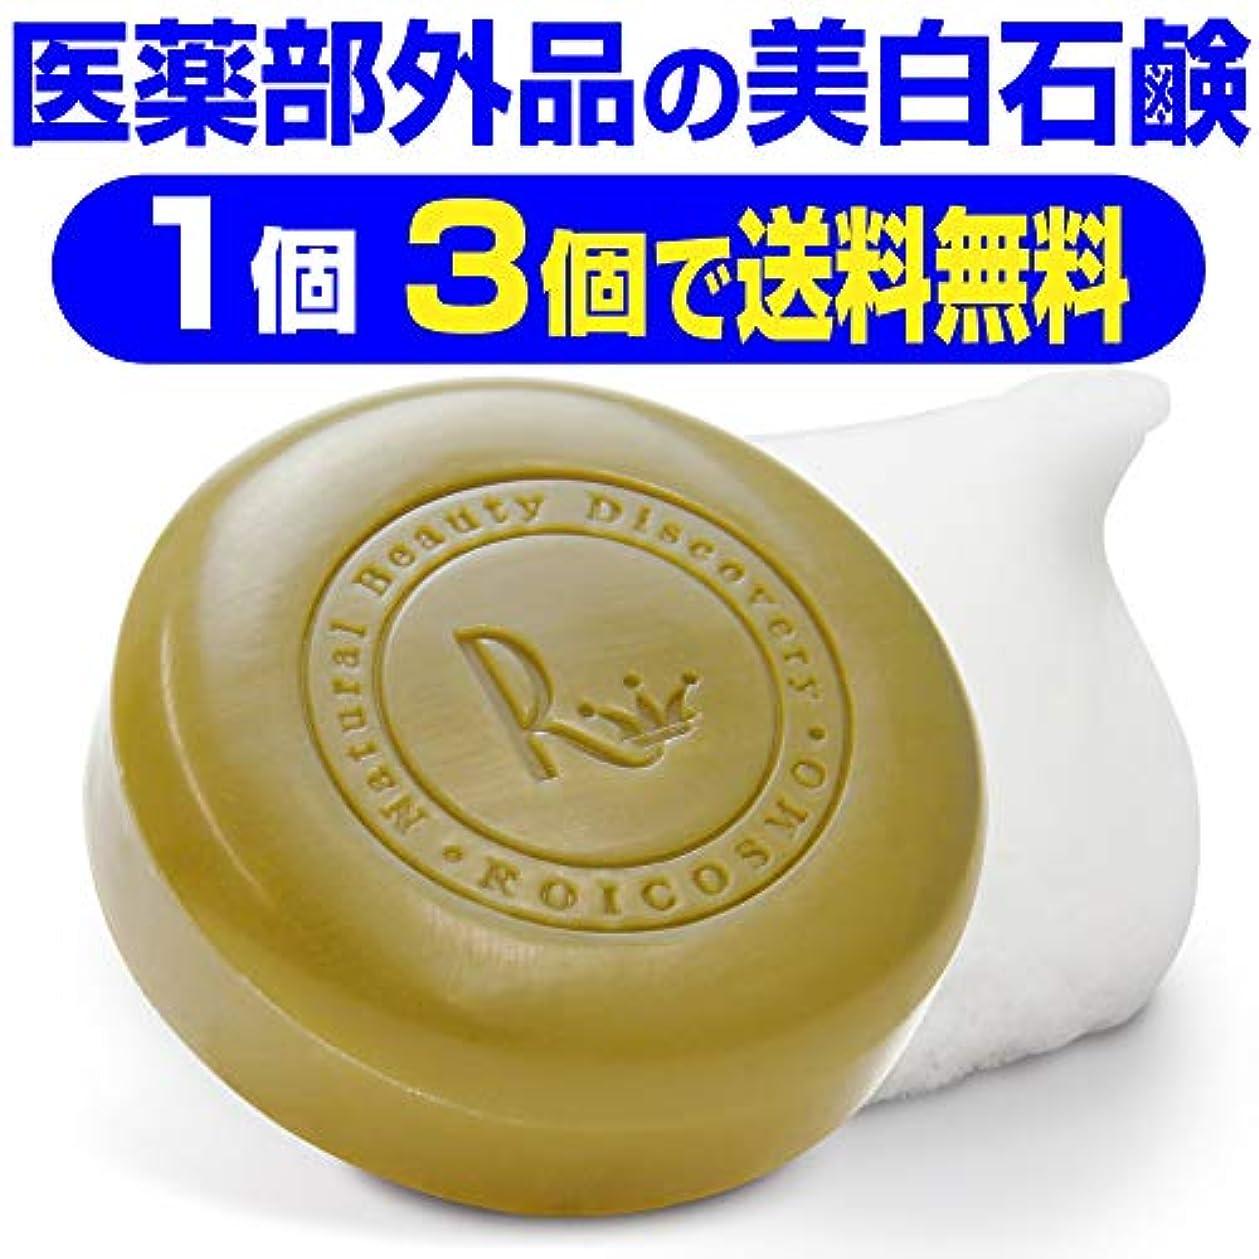 契約した感嘆マイクロフォン美白石鹸/ビタミンC270倍の美白成分配合の 洗顔石鹸 固形『ホワイトソープ100g×1個』